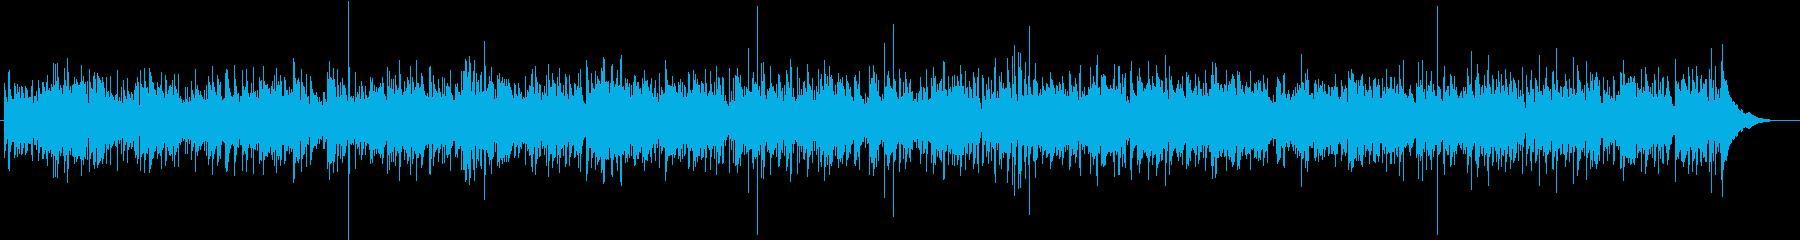 ほんわかカントリーの再生済みの波形